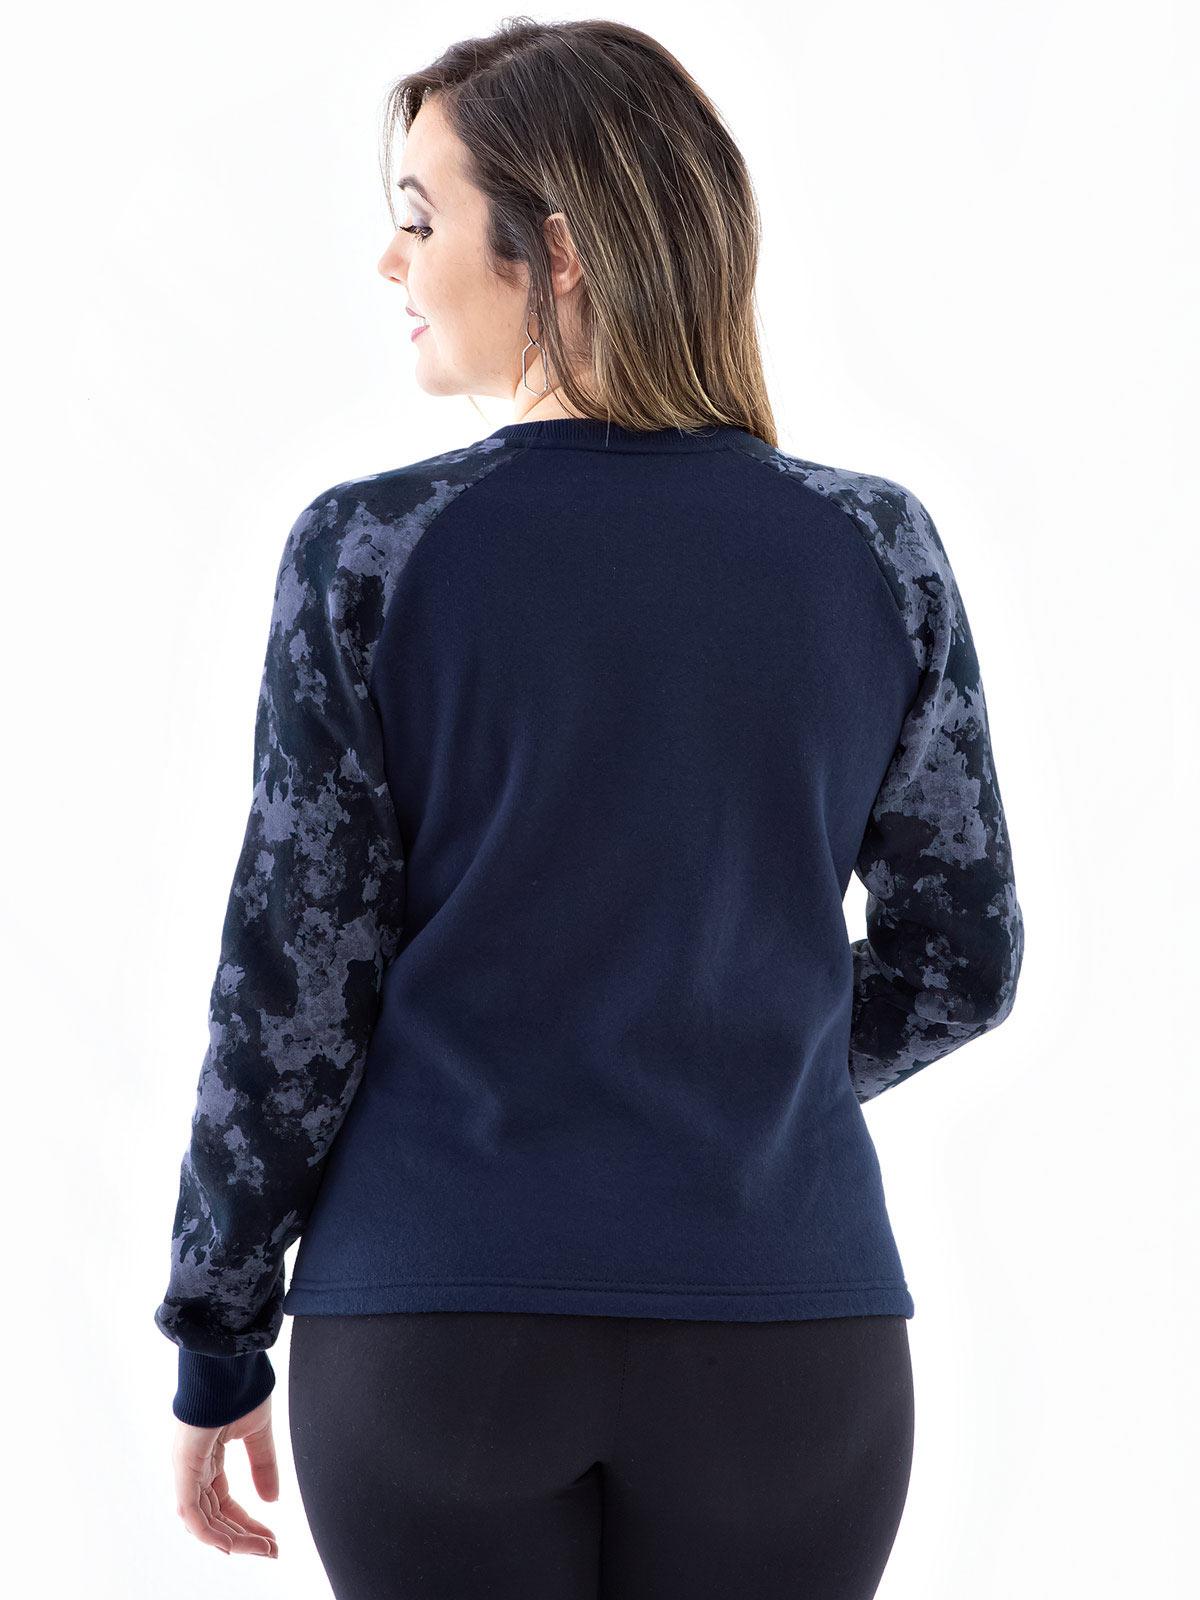 Blusa Moletom Feminino Com Mangas Camufladas Confort Azul Marinho